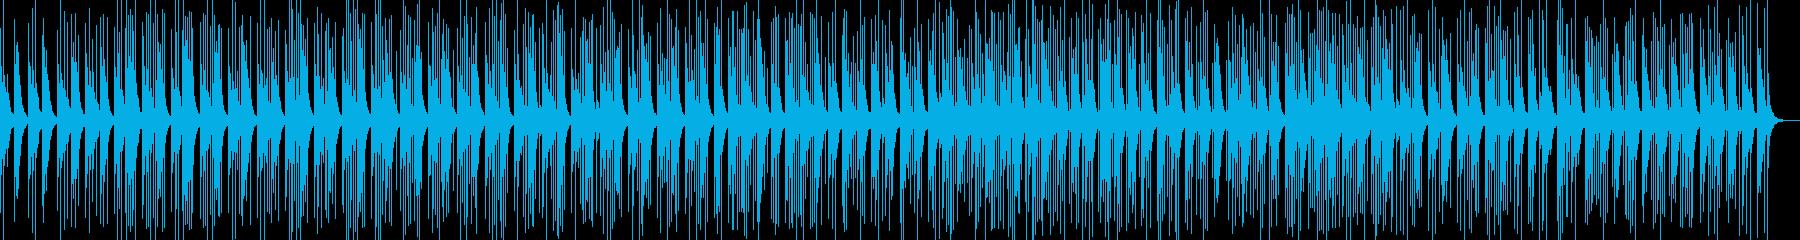 カリンバの瞑想的なヒーリング曲の再生済みの波形